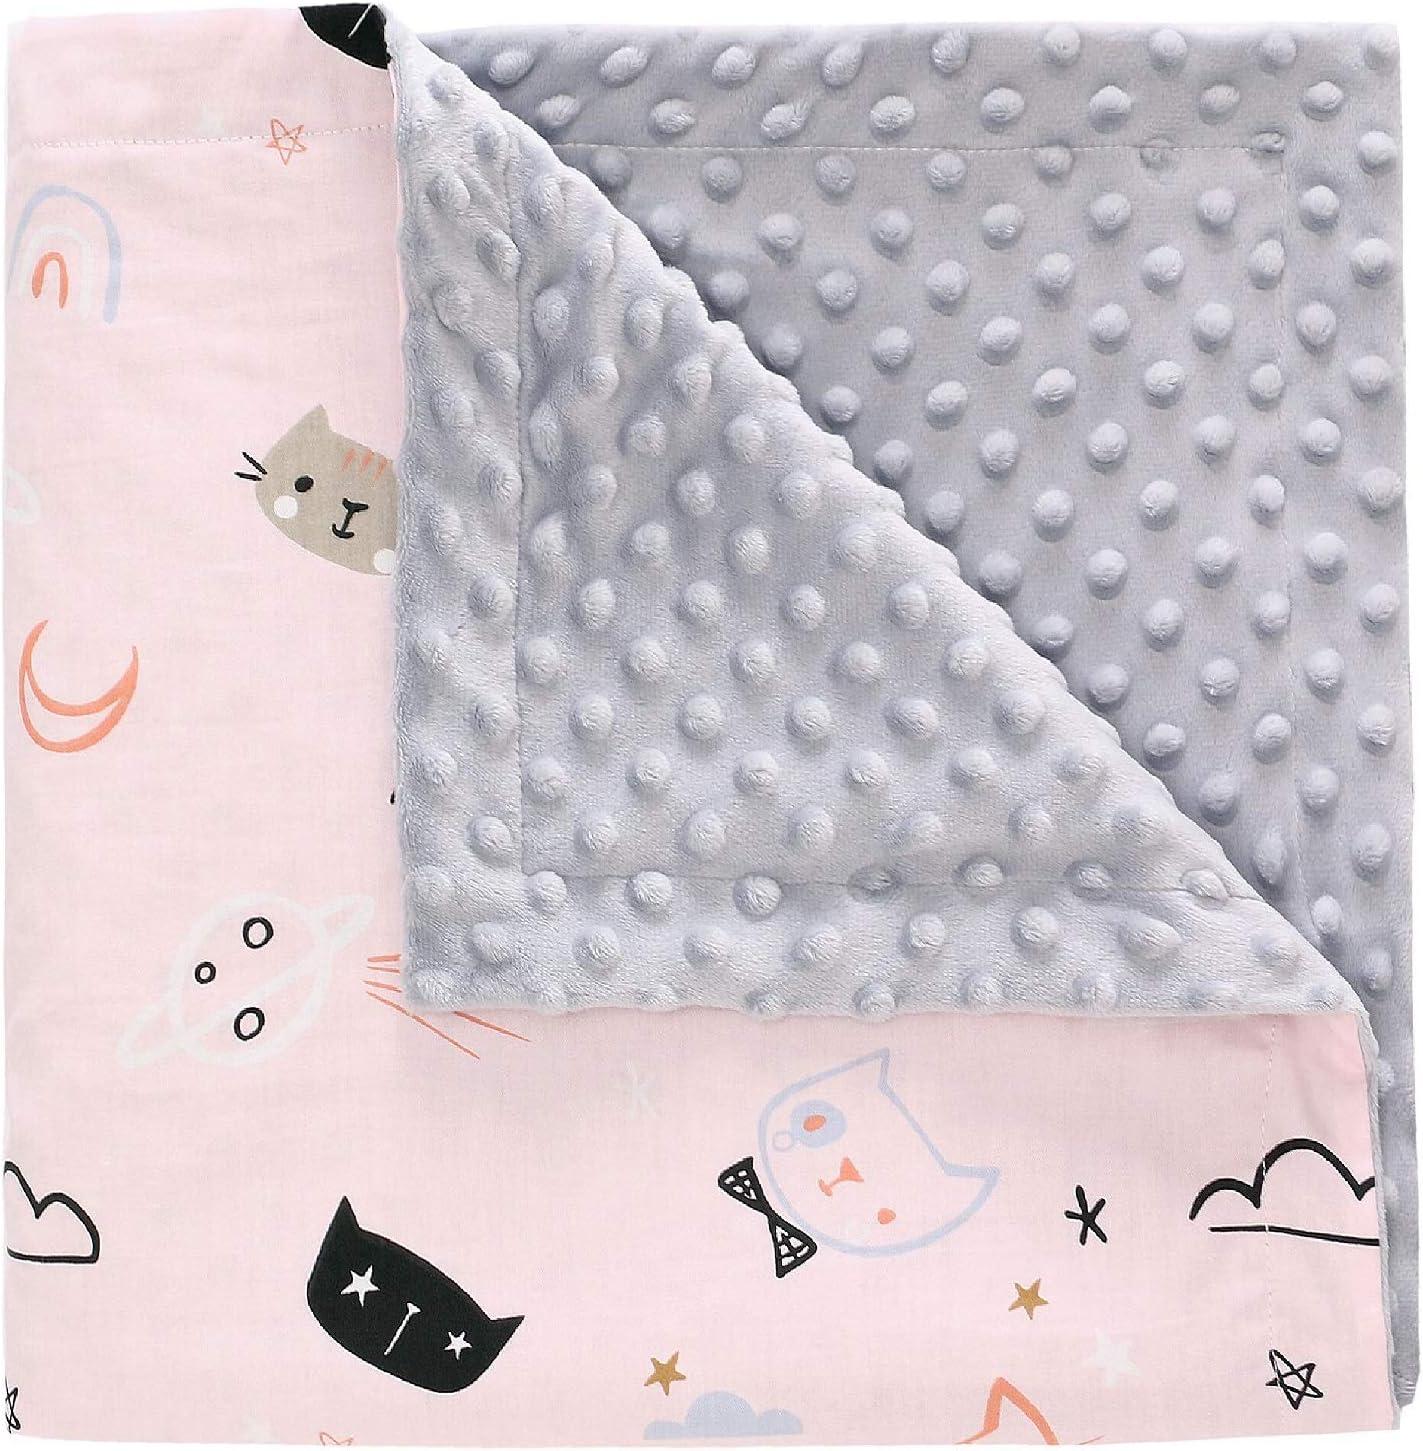 140 Toalla de Ba/ño Punto de Onda Suave y Transpirable,Swaddle Wrap Saco de Dormir para Ni/ños 110 Miracle Baby Manta Bebe Algod/ón de Doble Cara Grande,abeja